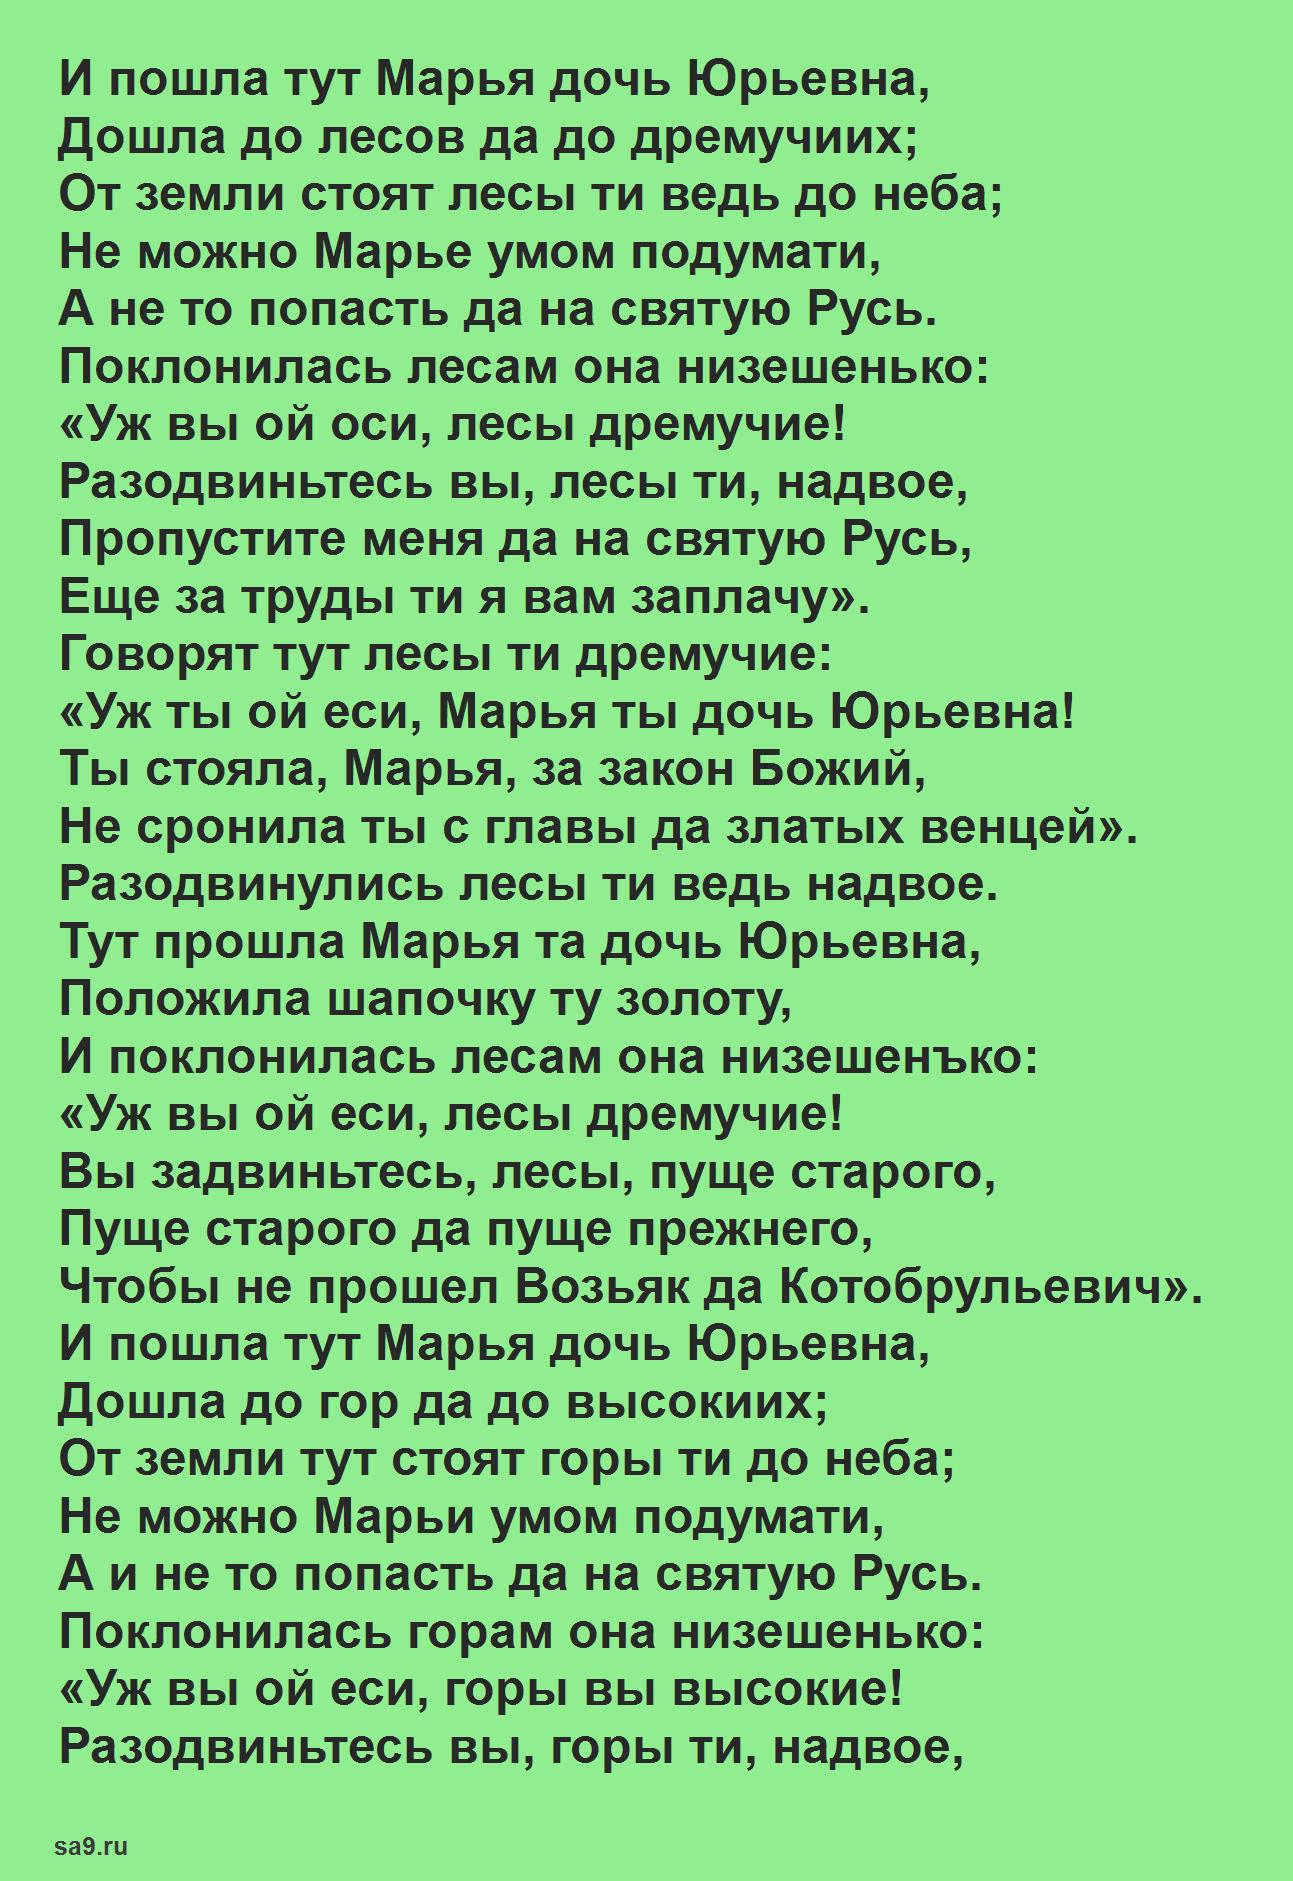 Читать русскую народную былину - Князь Роман и Марья Юрьевна